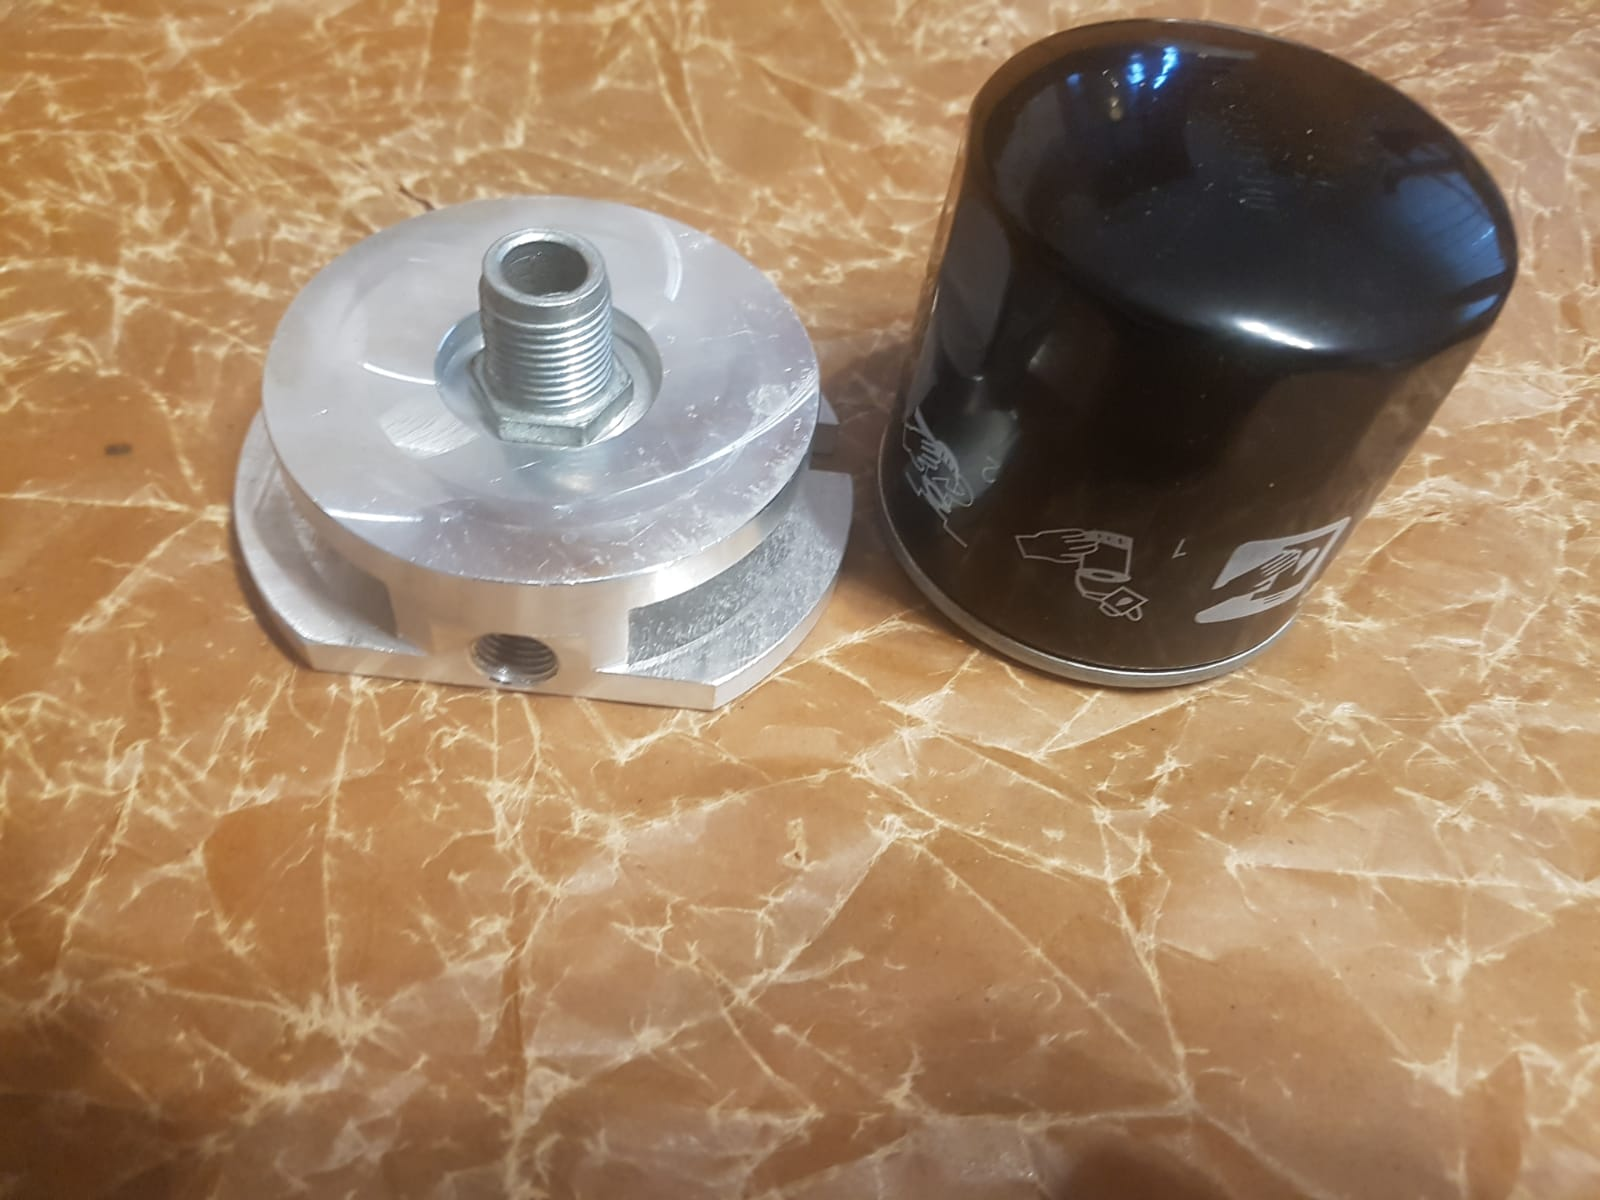 Ölfilteradapter Adapterplatte GAZ 21 Wolga.  Oil Filter Adaptor Plate GAS M21 Volga. Переходник под современный жигулевский масляный фильтр ГАЗ М21 Волга.